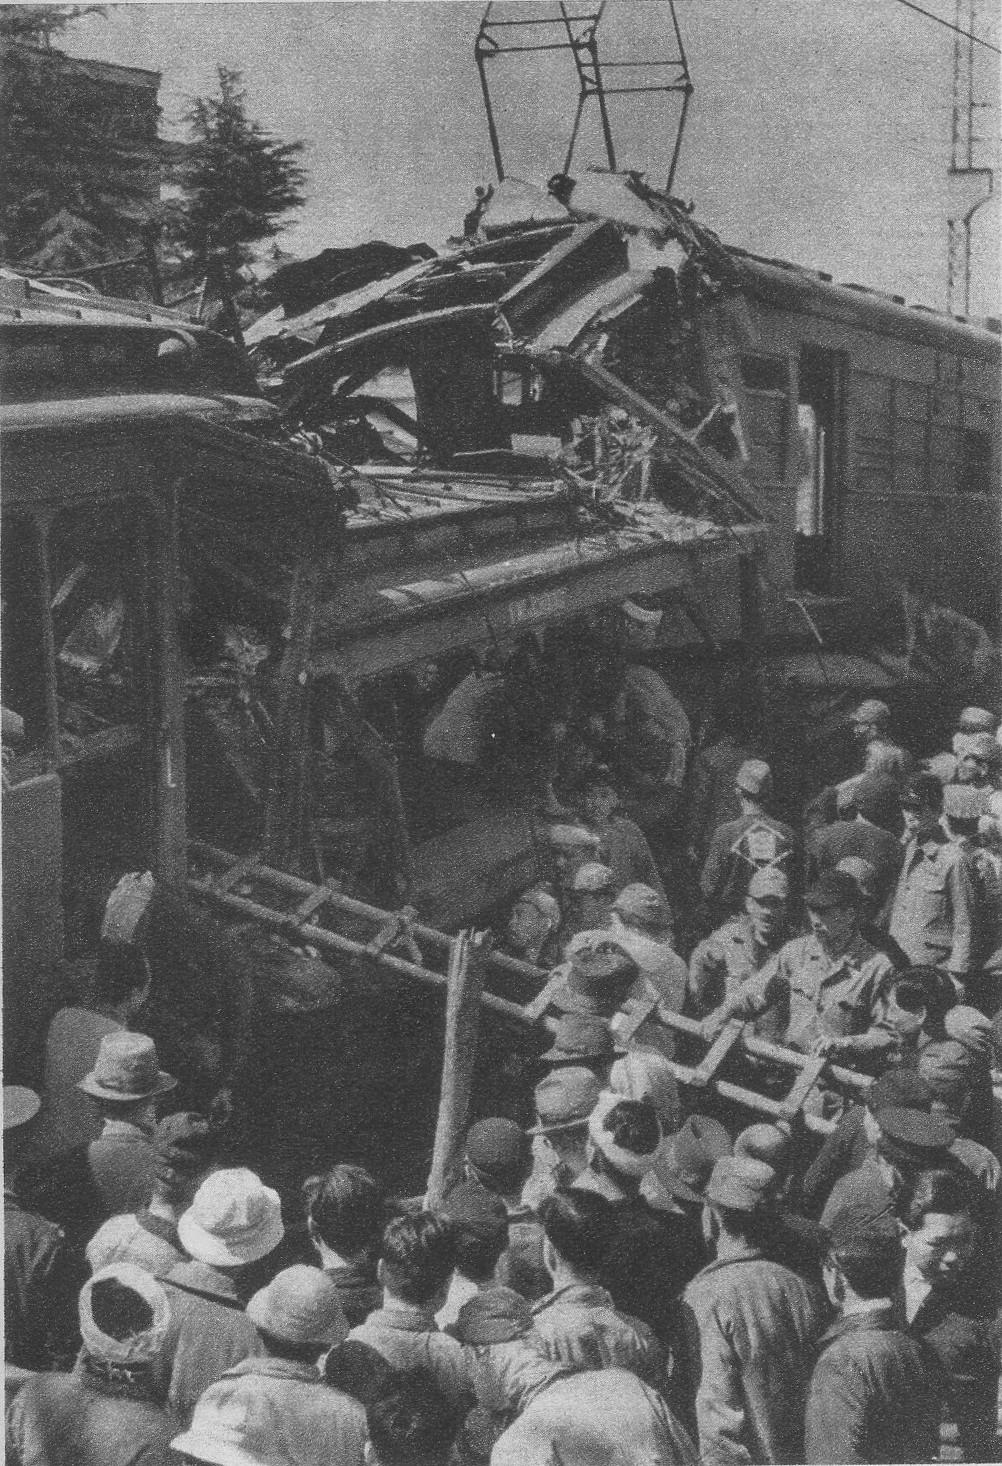 Kawachi-Hanazono_station_Train_collision_incident